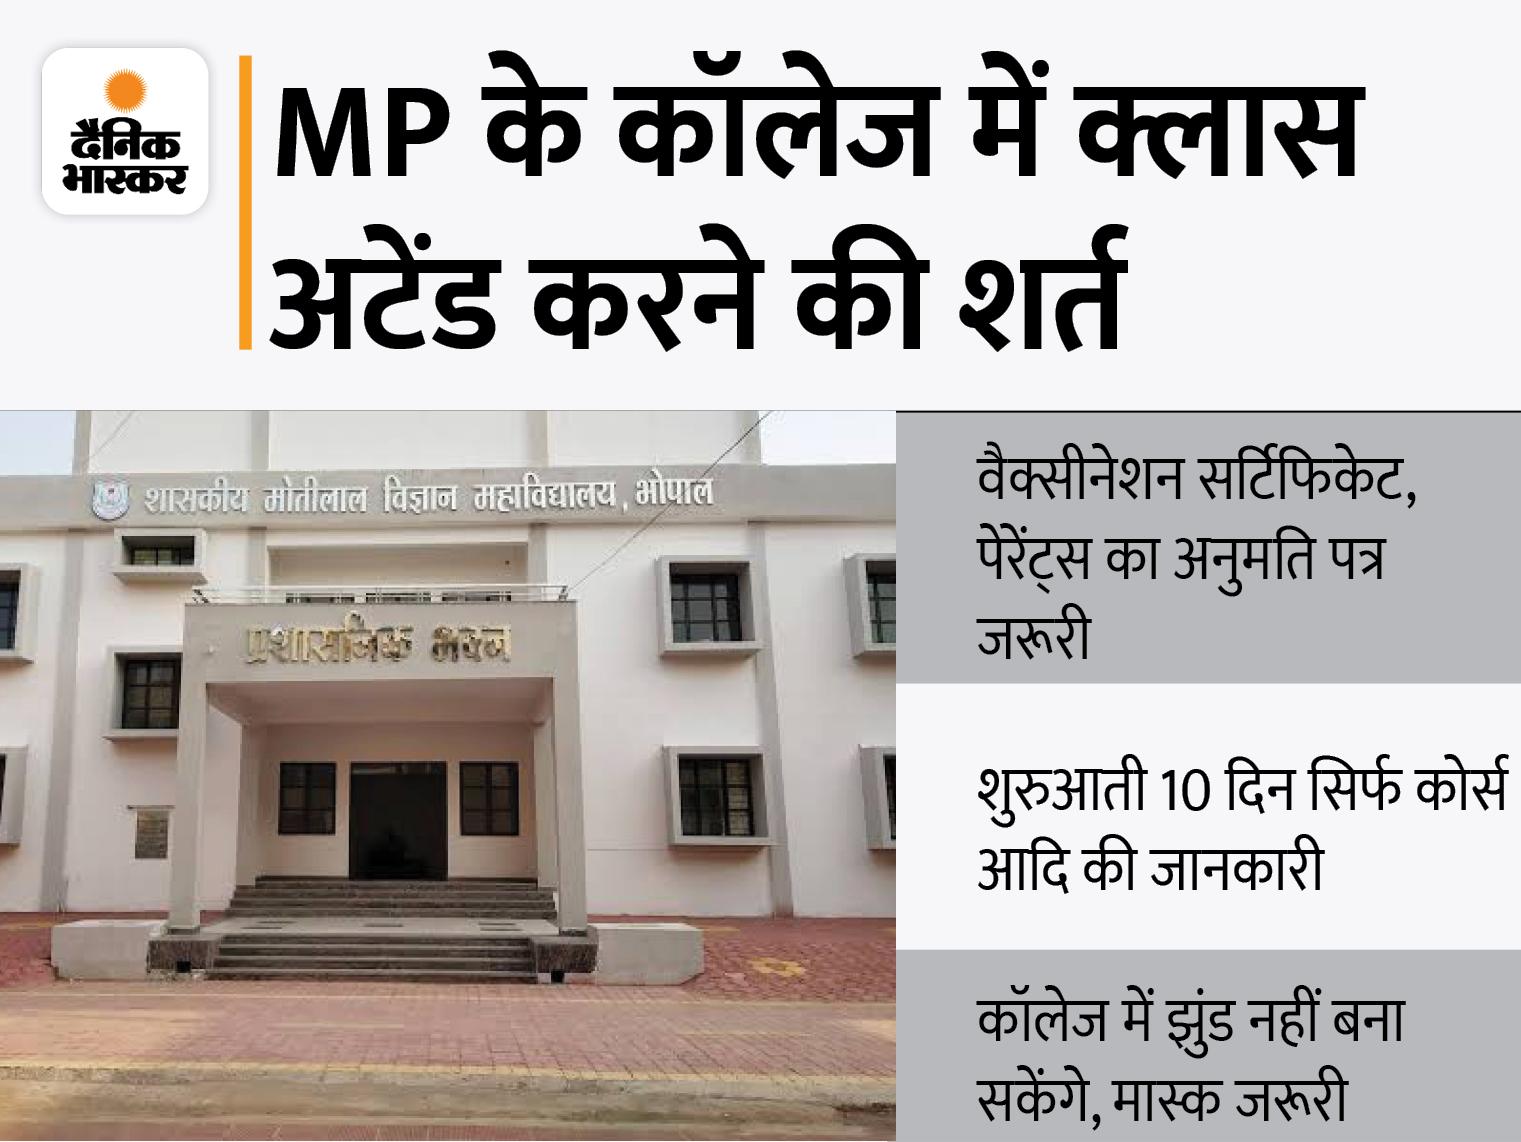 इंदौर में विधायक जीतू पटवारी ने अफसर से की गाली-गलौच, प्रदेश के कॉलेज में आज से छात्रों की एंट्री; भोपाल में 10वीं की छात्रा से गैंगरेप मध्य प्रदेश,Madhya Pradesh - Dainik Bhaskar